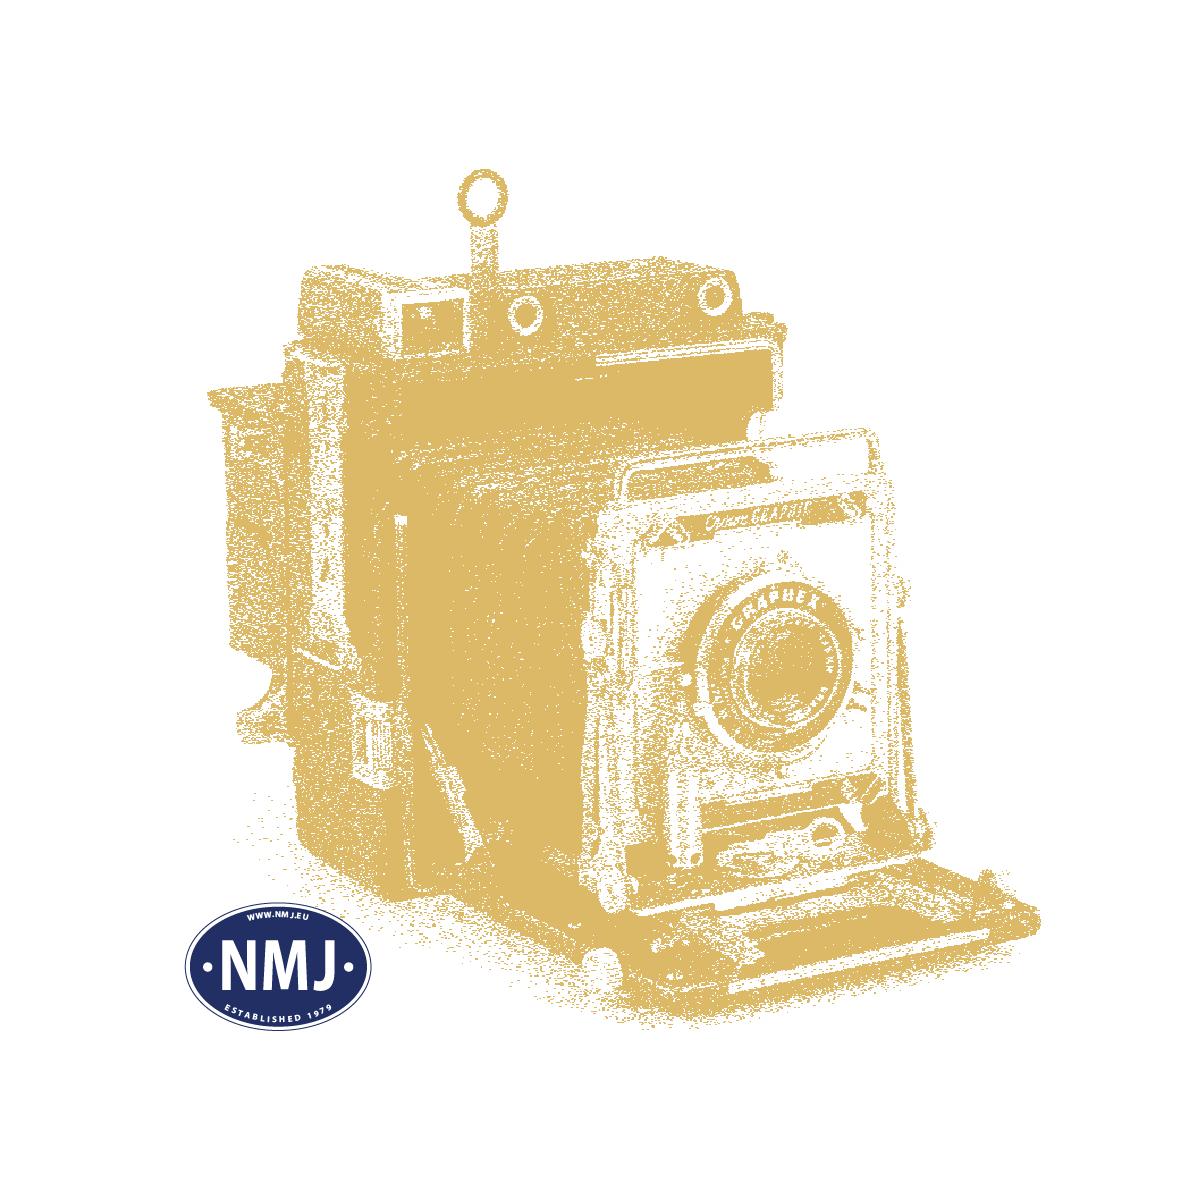 Topline Godsvogner, nmj-topline-507130-cargonet-lgns-42-76-443-2019-9-farris-imsdal-H0, NMJT507.130